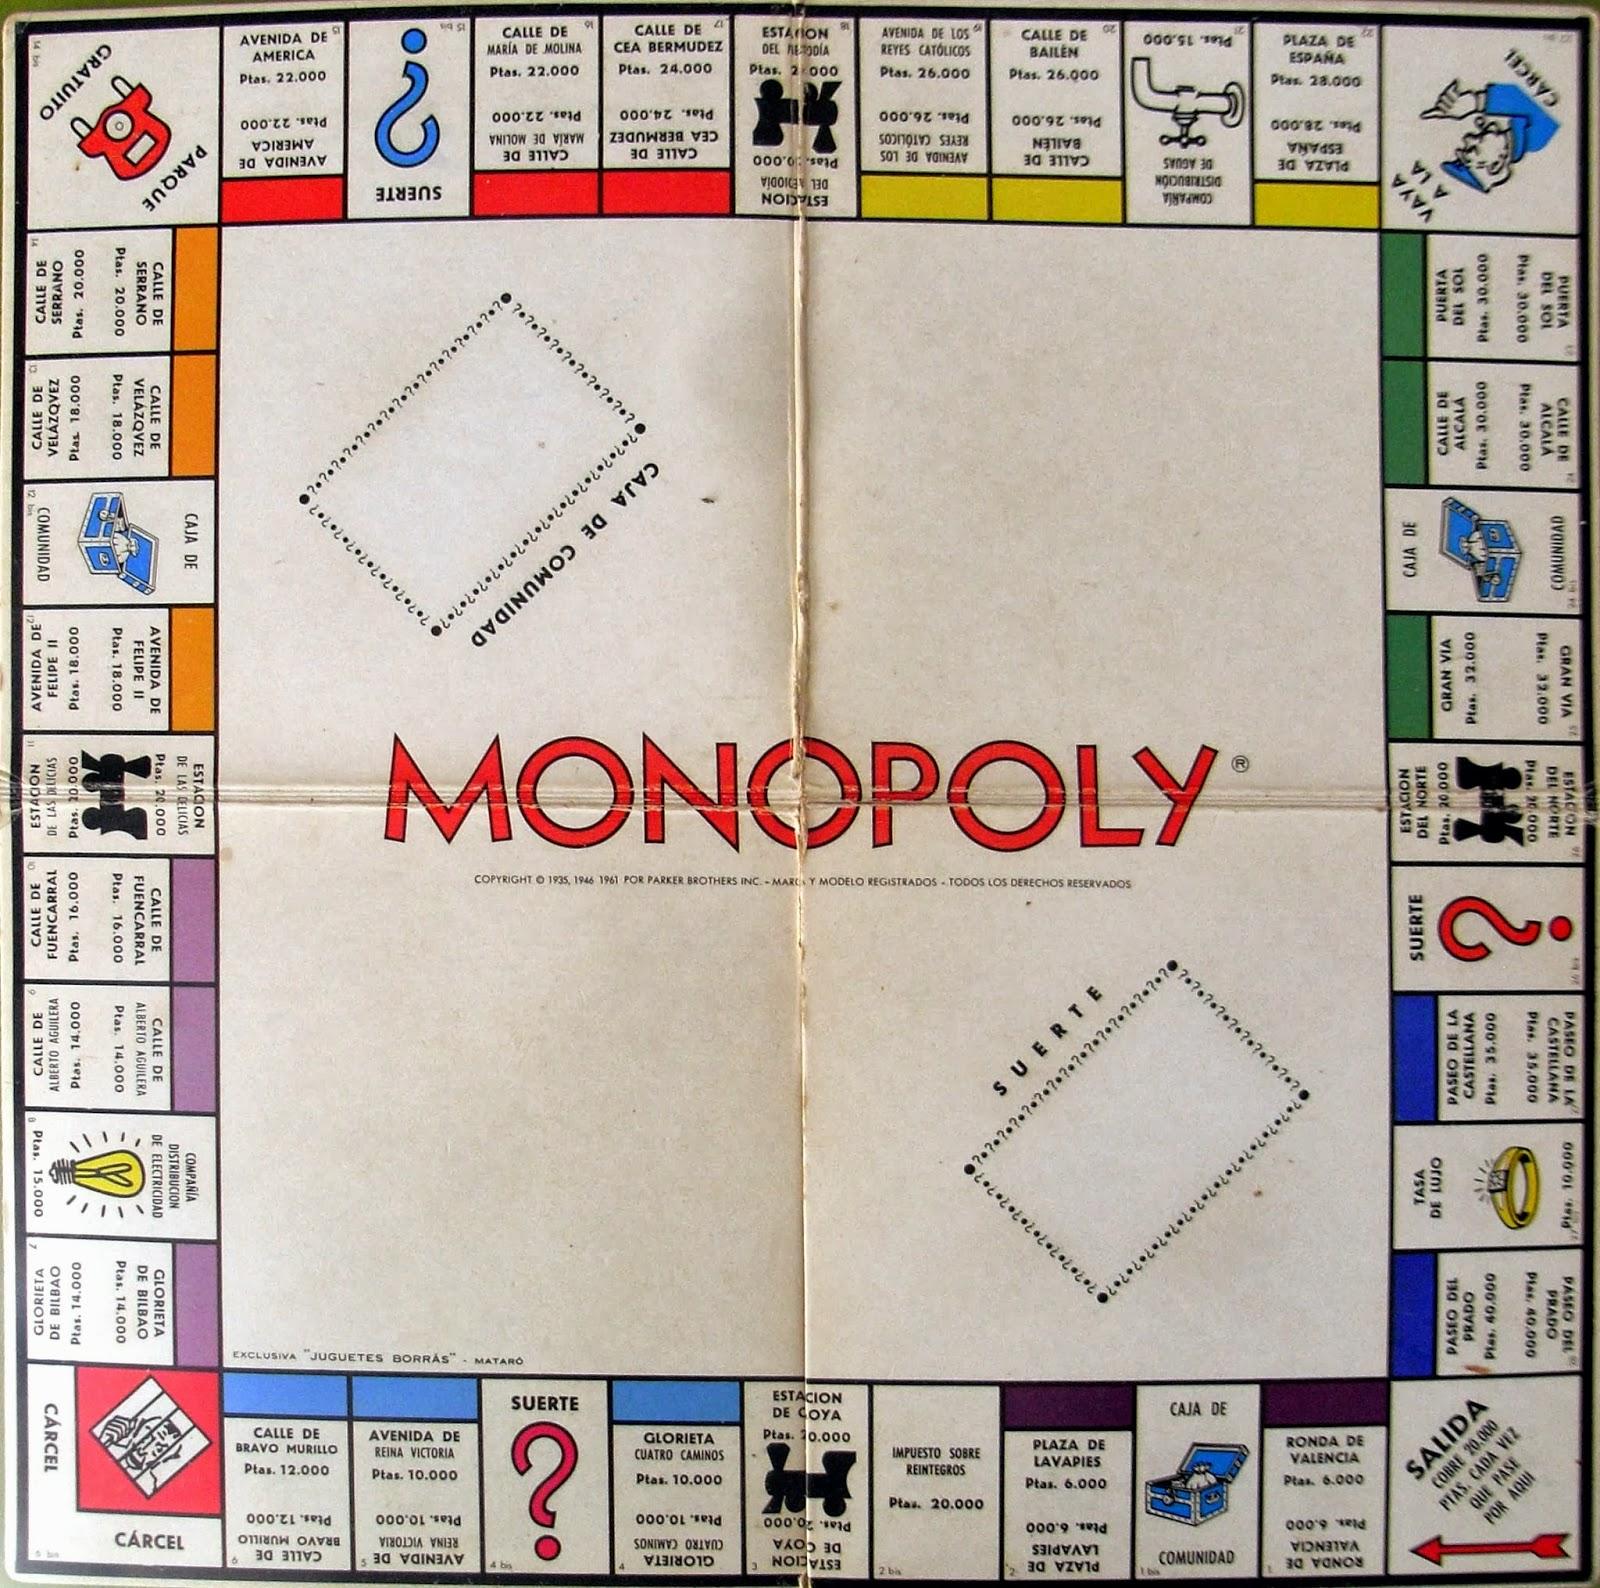 Memorias De Plastico Y Papel Juego De Mesa Monopoly Borras Anos 70